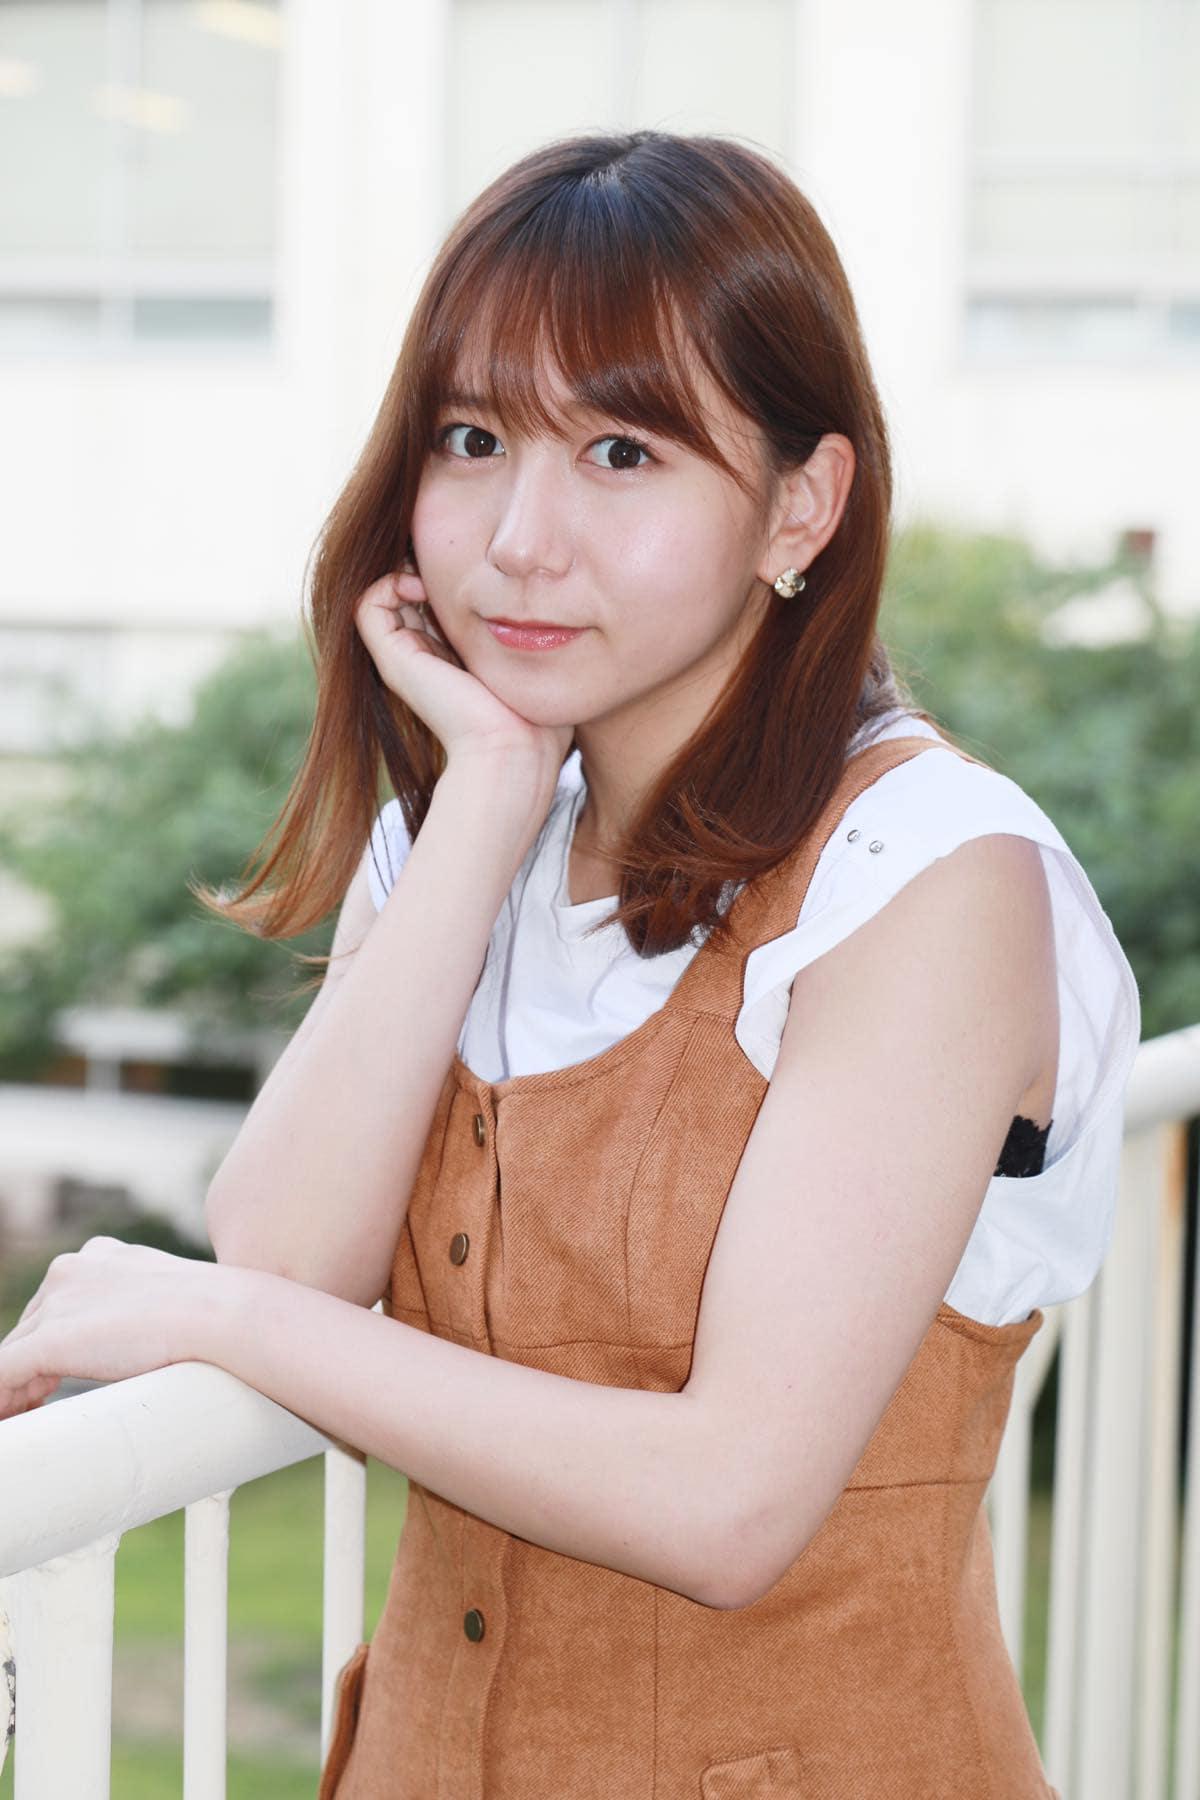 SKE48大場美奈『ハケンアニメ!』主演は「夢かな?」と思うくらいびっくり【独占インタビュー1/4】の画像004